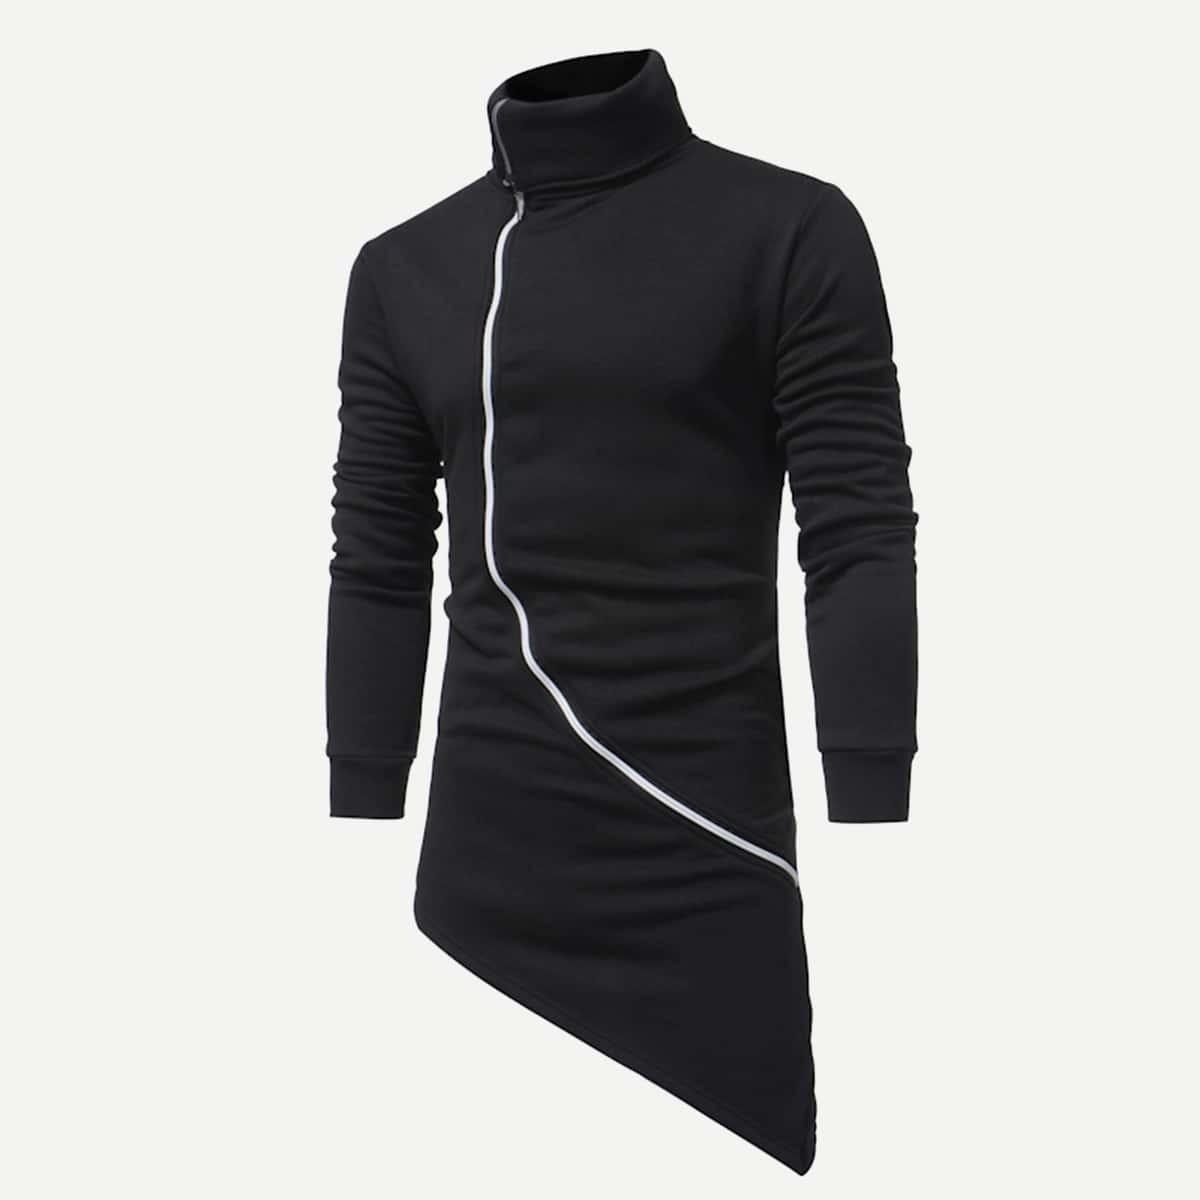 Zwart Casual Rits Vlak Sweatshirts voor heren